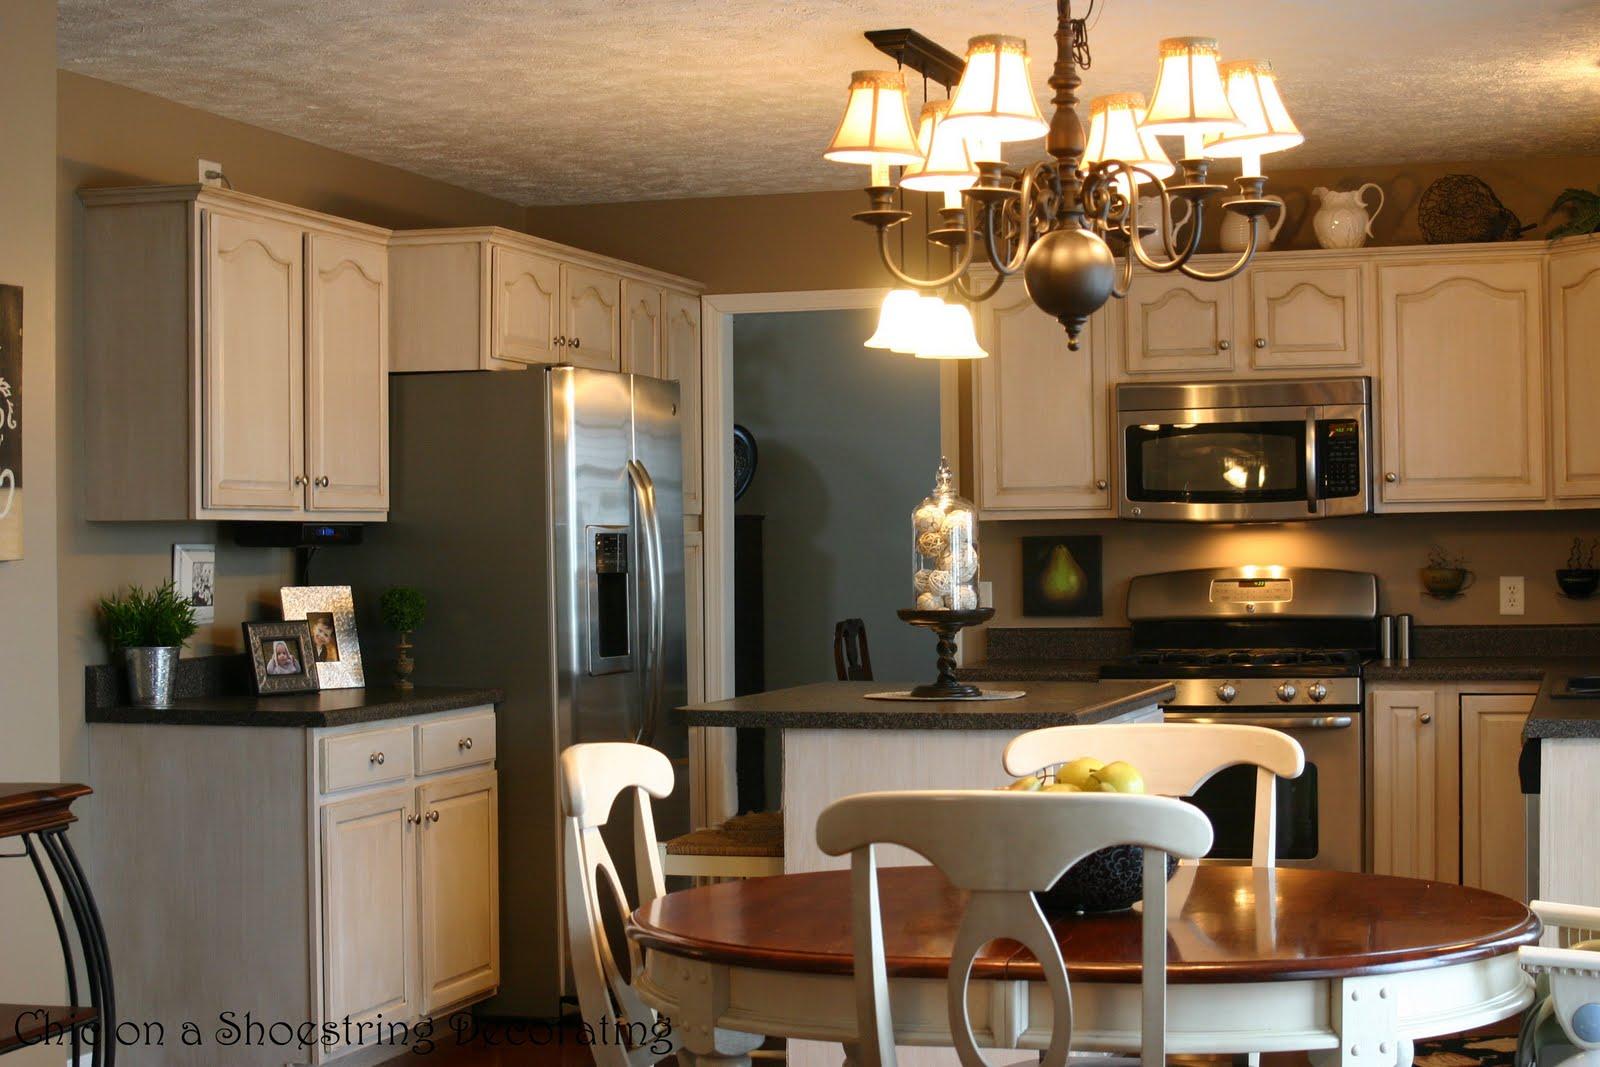 http://1.bp.blogspot.com/_-0MyyvJ03Gw/S4r-WzLnuSI/AAAAAAAAAMM/lgXHOdtXqfQ/s1600/kitchen2.jpg